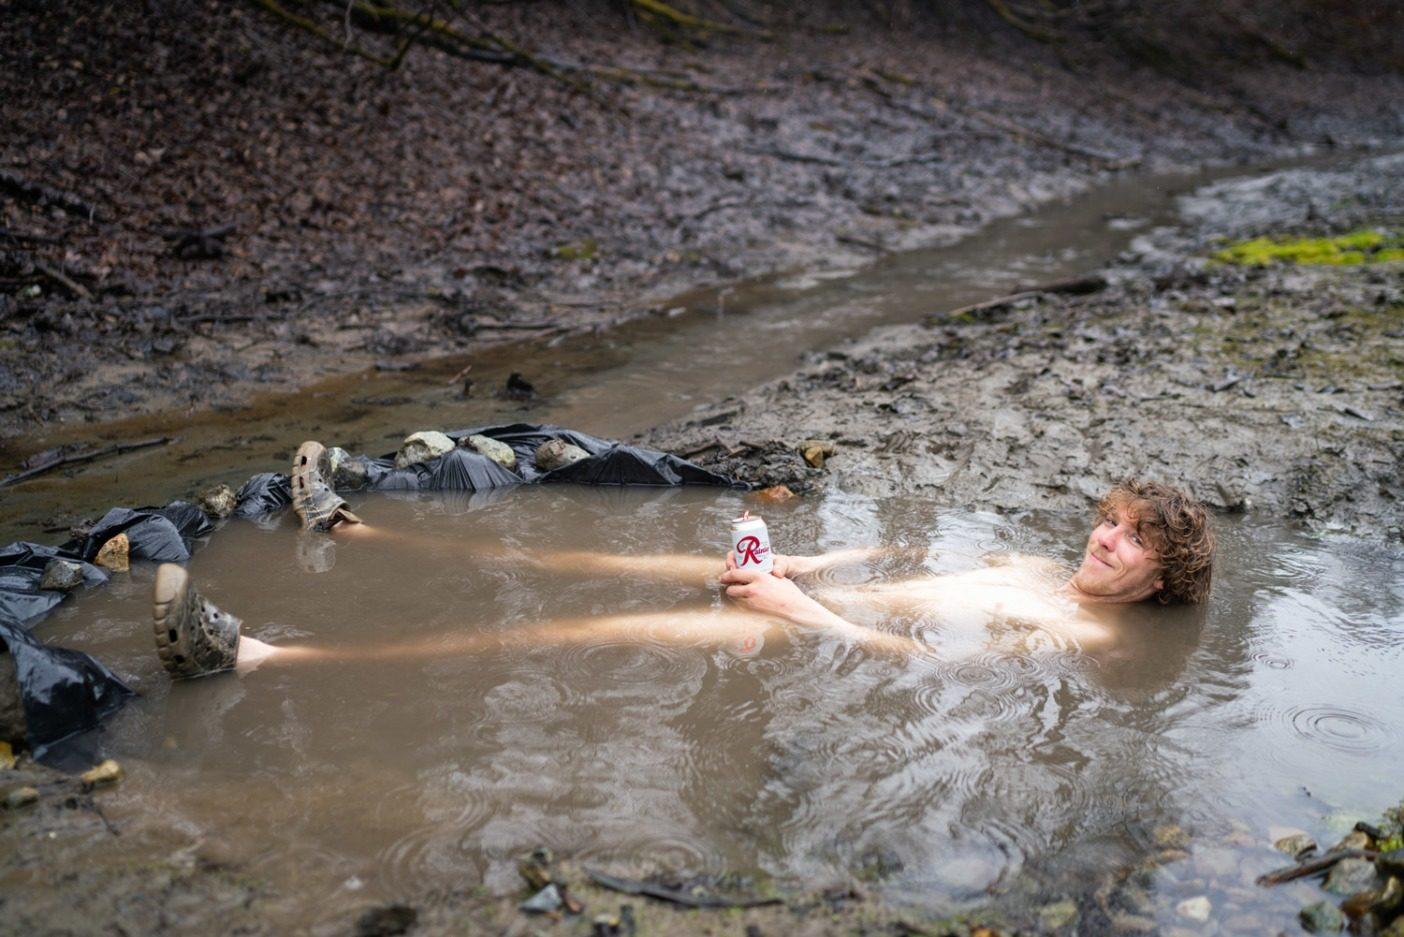 高山での厳しいミッションの後は、少しのビタミンR(レーニアビール)と、手作りの泥だらけな温かい水たまりでの入浴を越えるものはない。スティキーンでのリラックスタイムで裸になるエリック・ジョンソン。Photo: Jasper Gibson